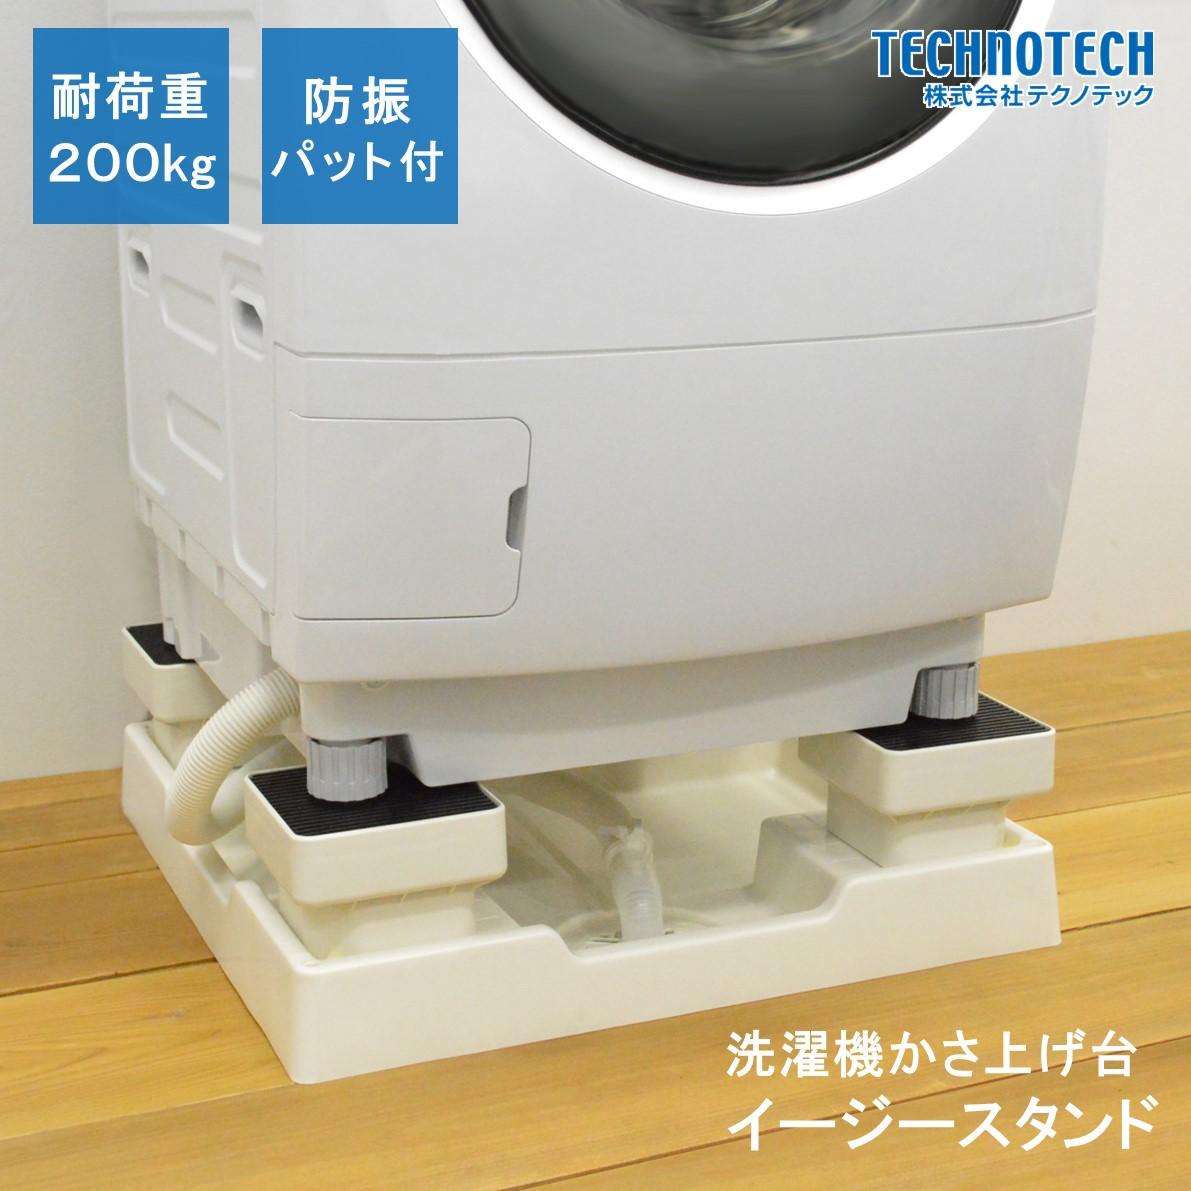 マーケティング テクノテック 洗濯機 かさ上げ台 置き台 高額売筋 d105 ゴム 防音 イージースタンド 防振 D105